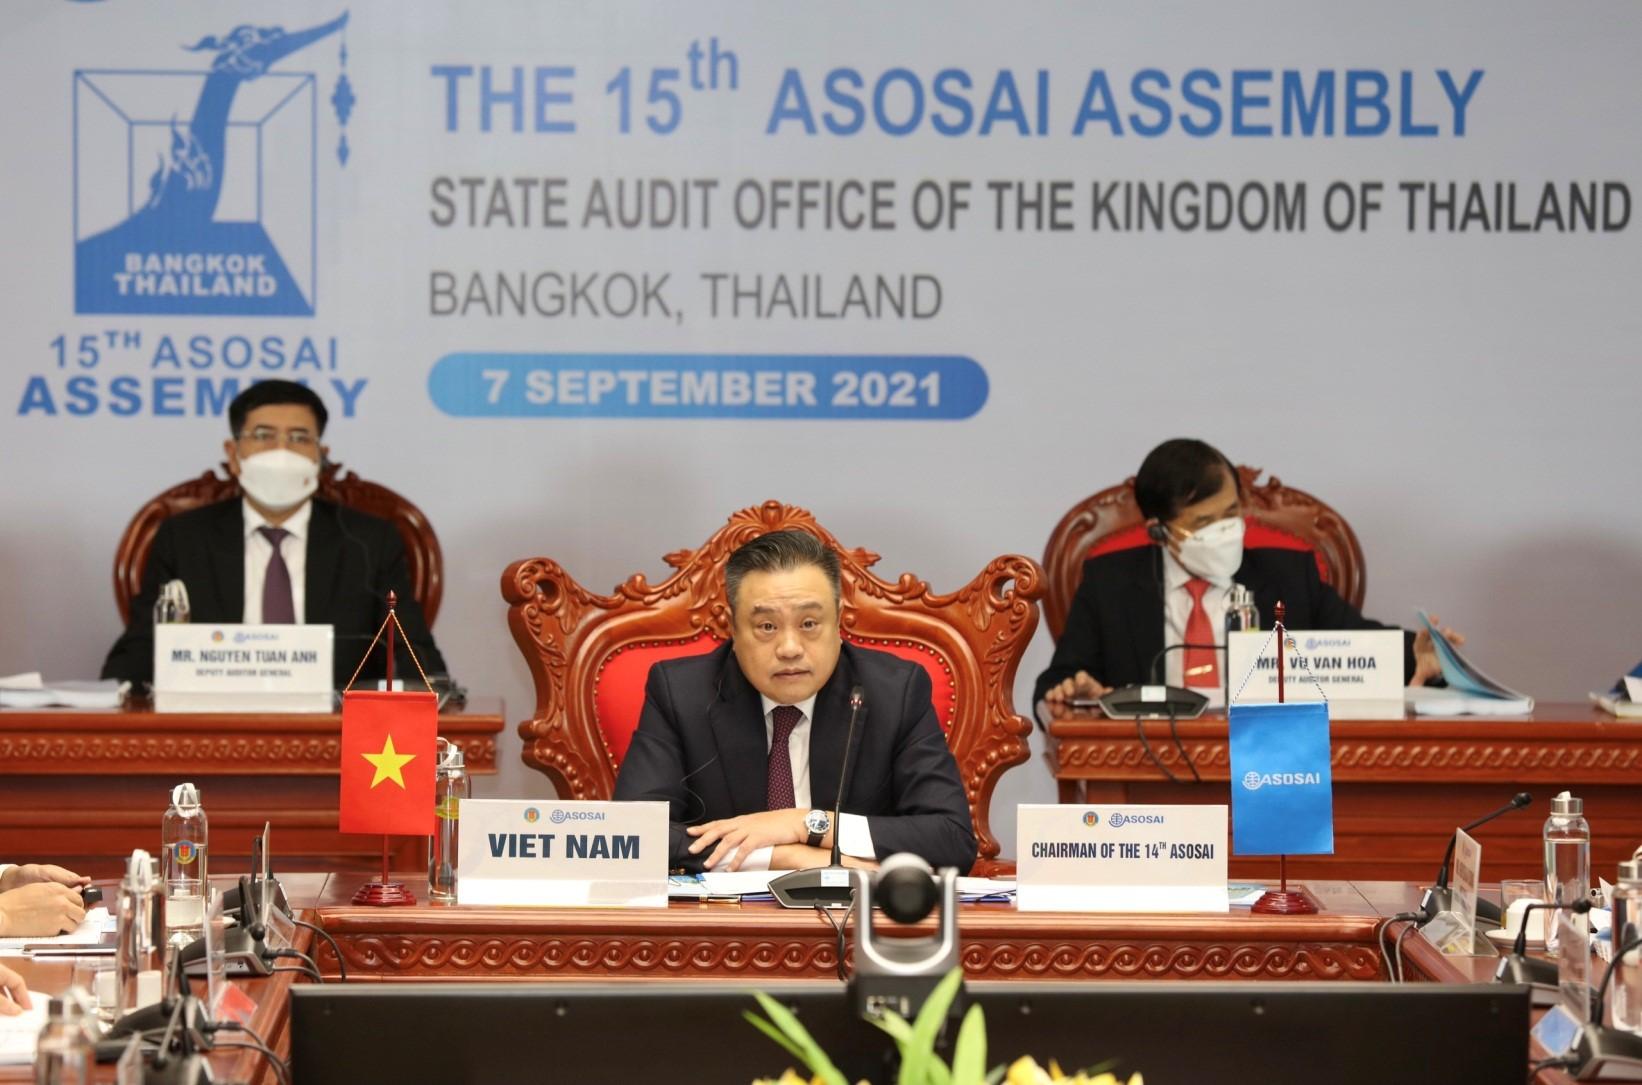 Khai mạc Đại hội Tổ chức các Cơ quan Kiểm toán toán tối cao châu Á (ASOSAI) lần thứ 15